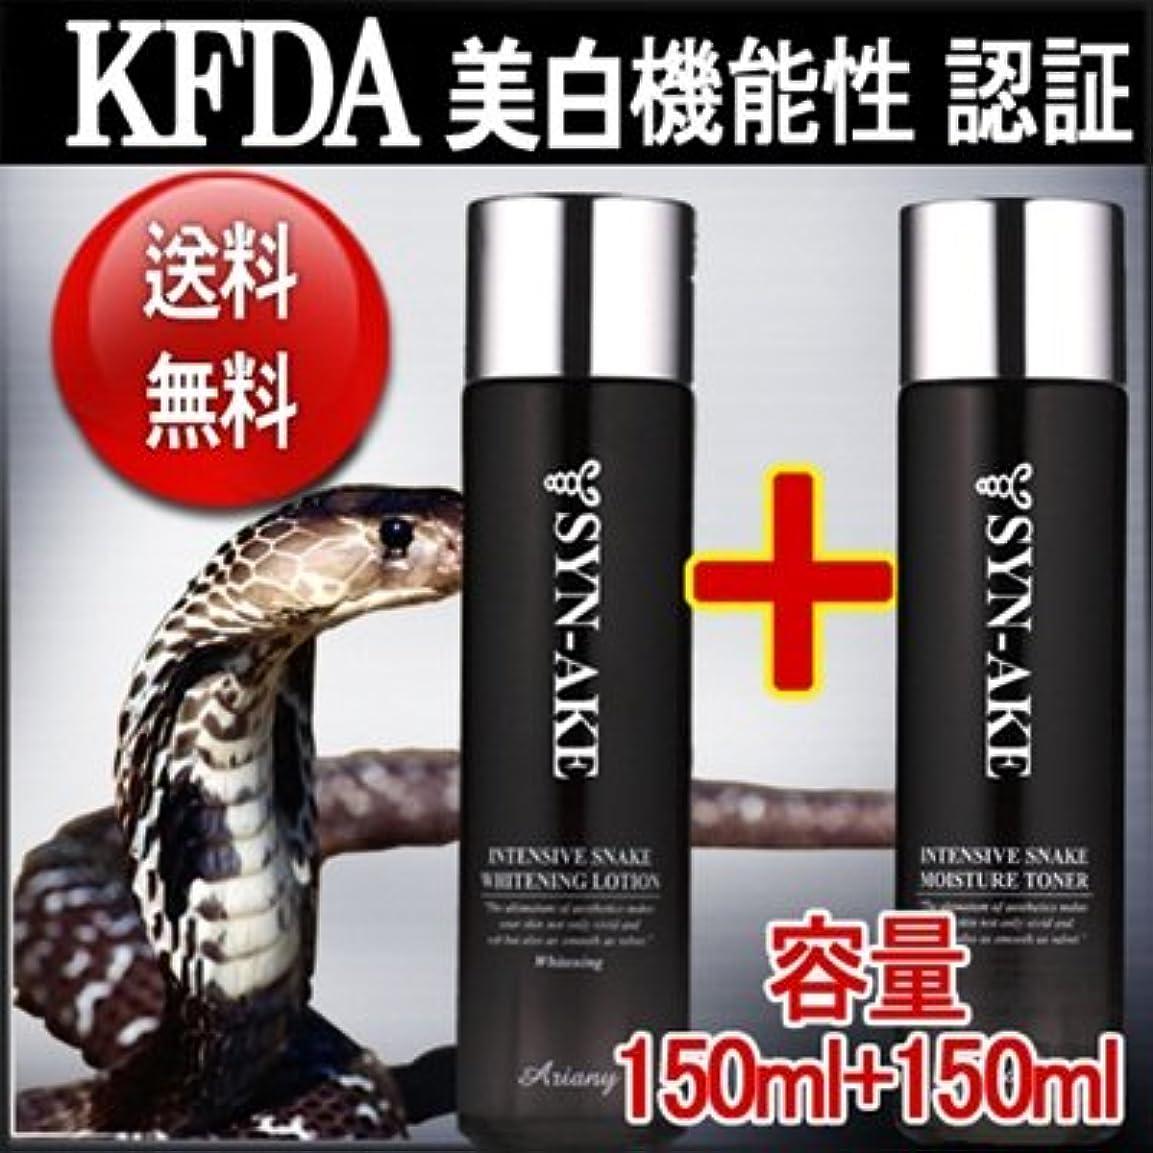 韓国アリアー二 (Ariany) 蛇毒/ 毒蛇化粧水&乳液2種セット